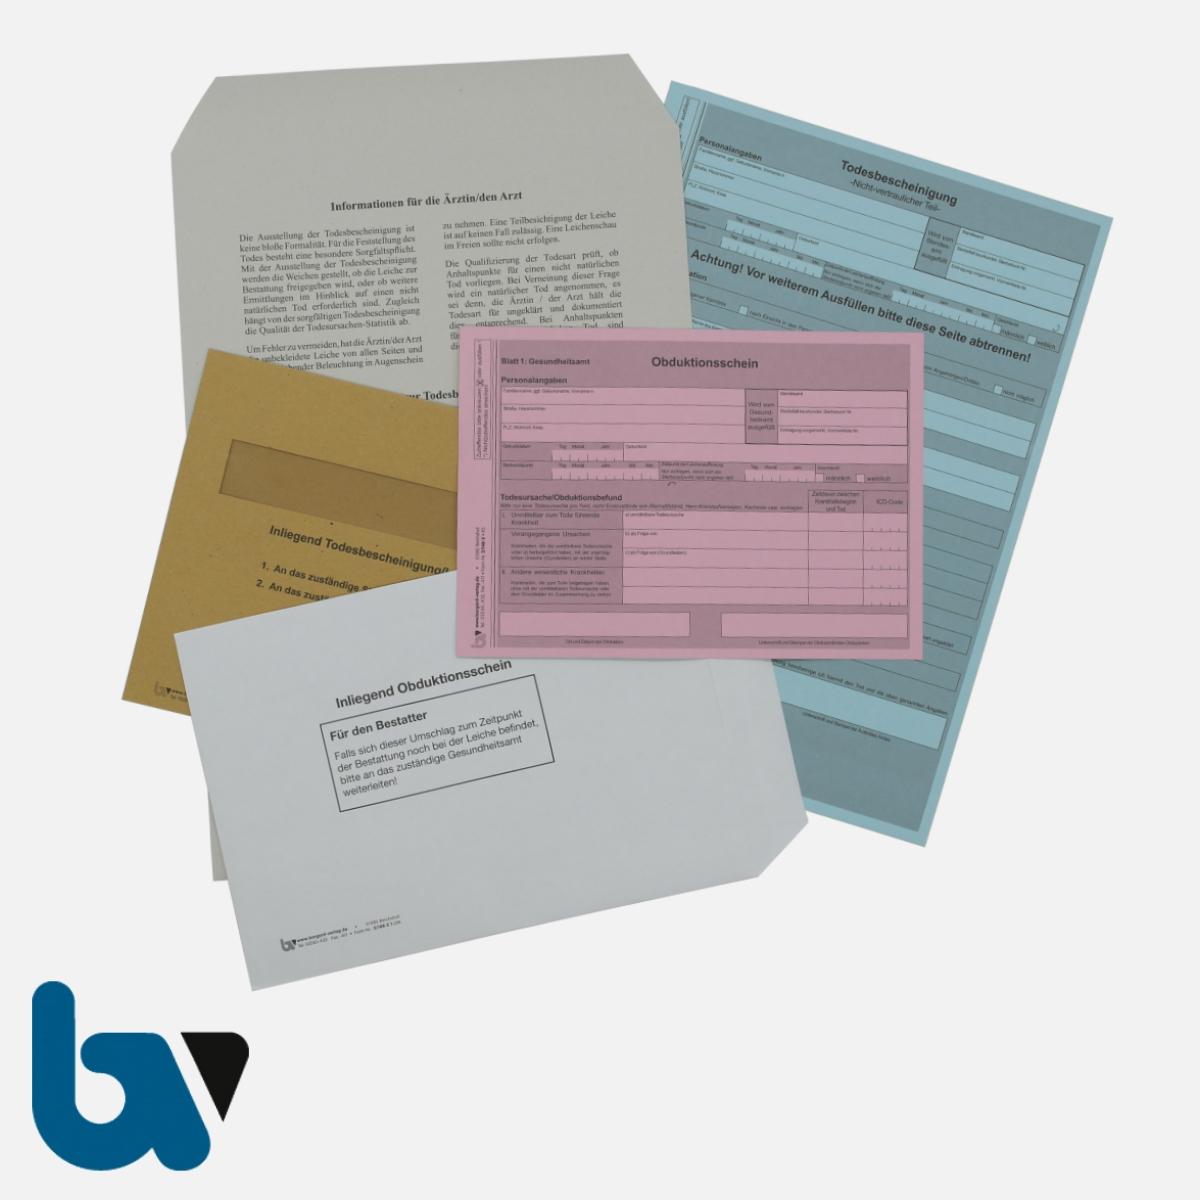 2/148-1 Komplettsatz Todesbescheinigung Rheinland Pfalz Vordrucke Umschläge | Borgard Verlag GmbH